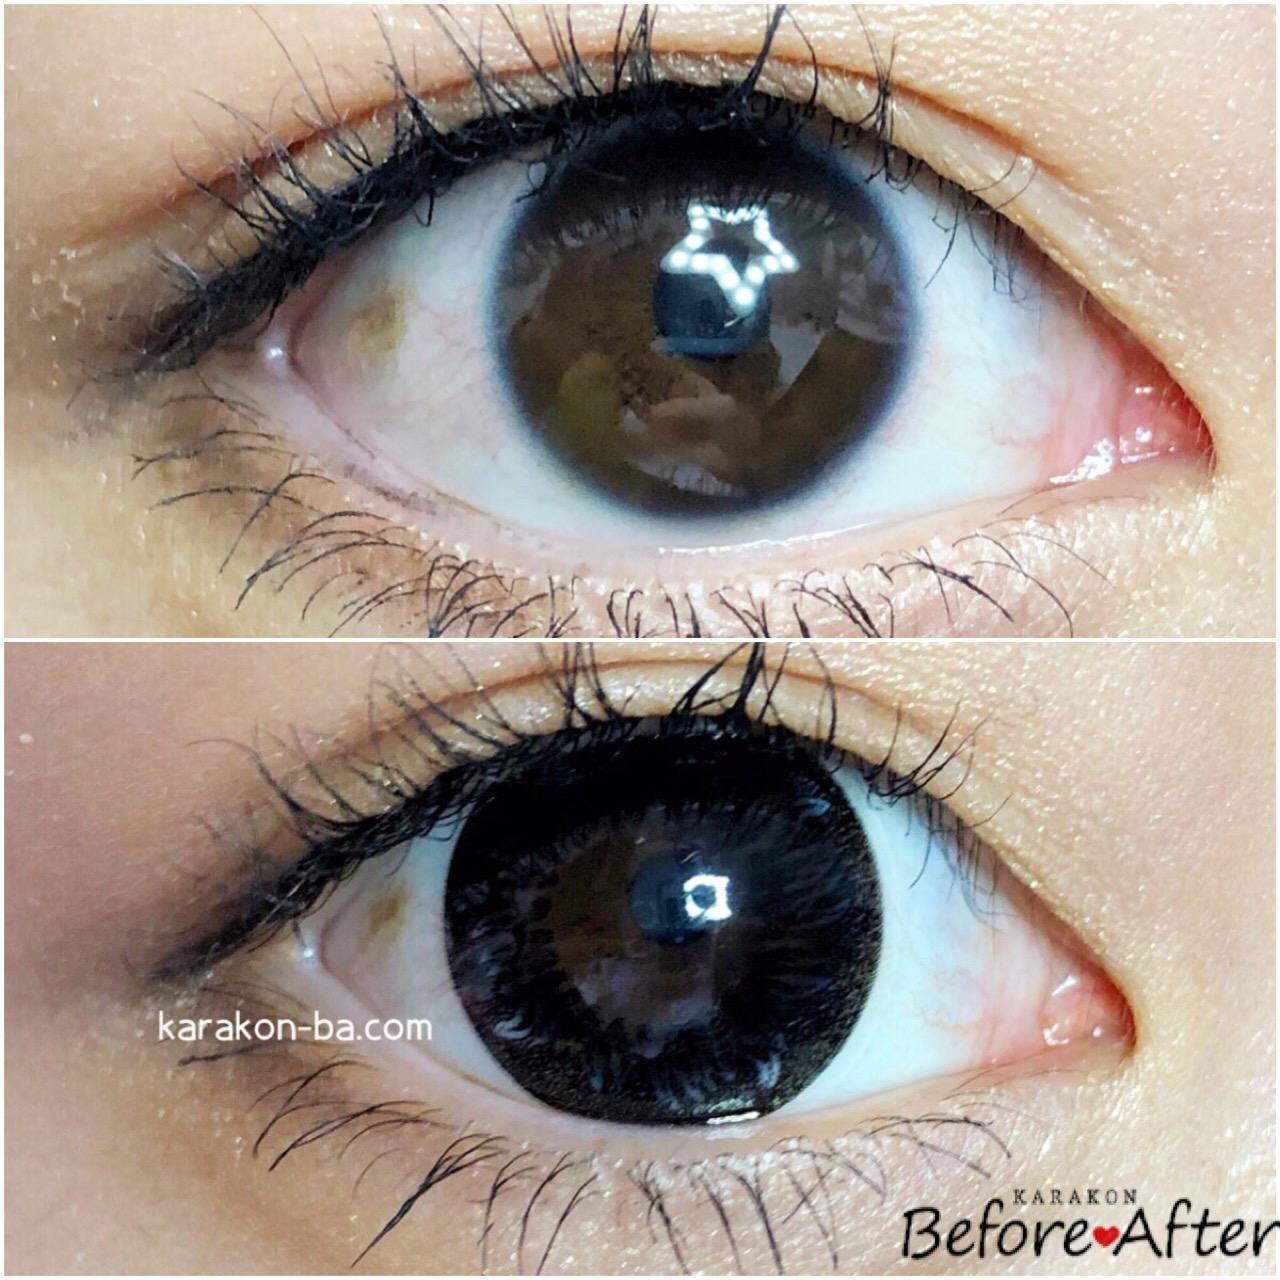 Contact Films(コンタクトフィルム)BKBK-BO ブラックサークルのカラコン装着画像/裸眼と比較レポ